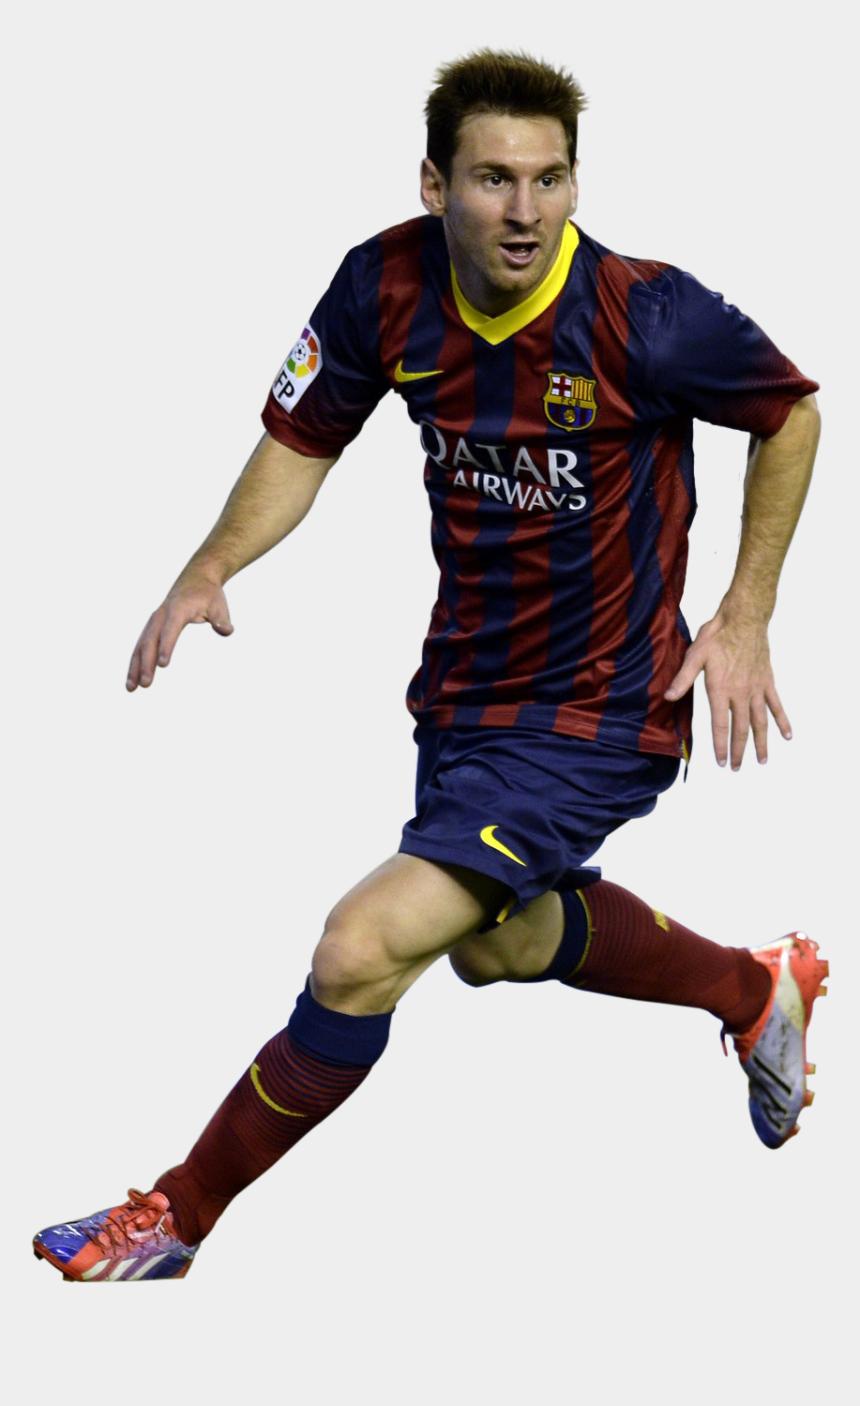 mess clipart, Cartoons - Clipart > Categories > Lionel Messi Clipart - Lionel Messi Transparent Background